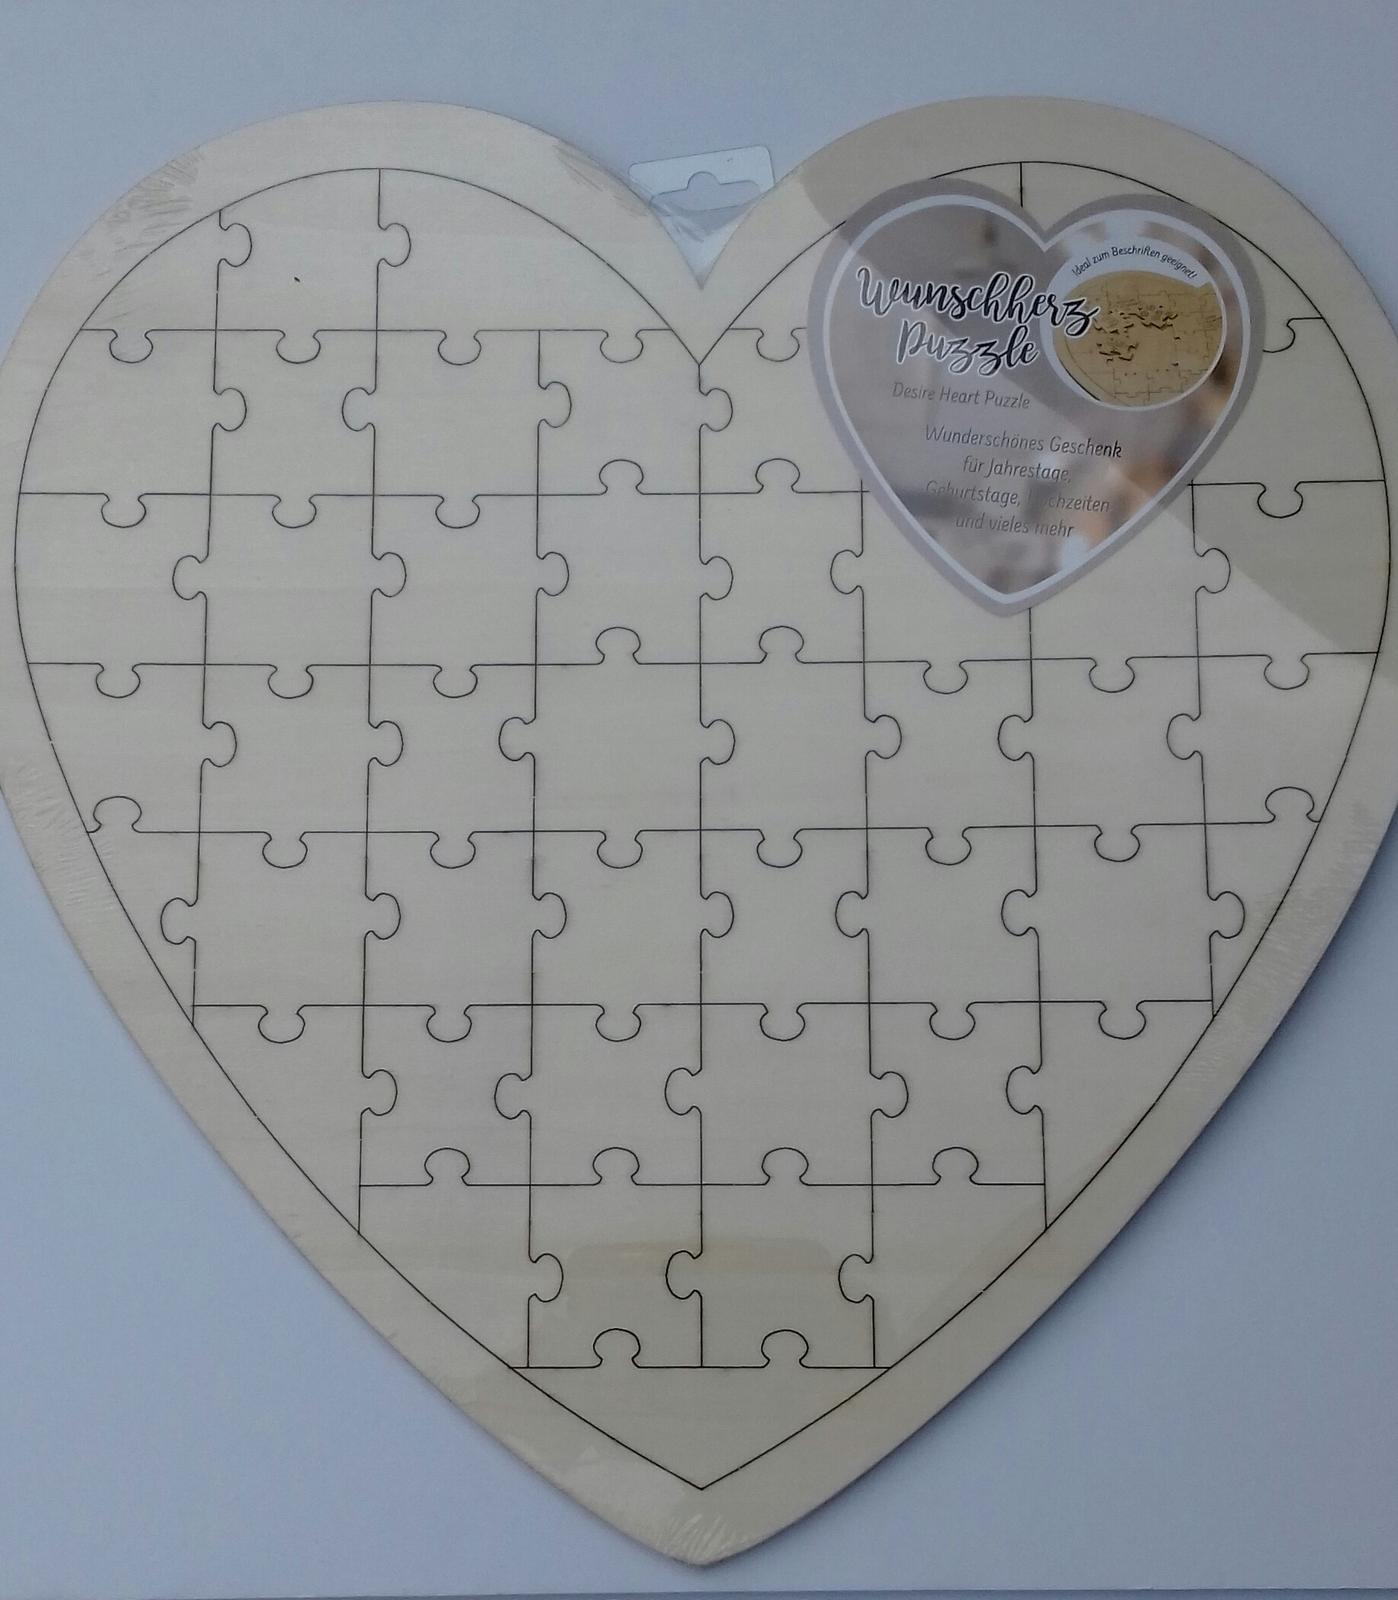 Svatební dekorace - Dřevěné srdce-puzzle na vzkazy nebo podpisy